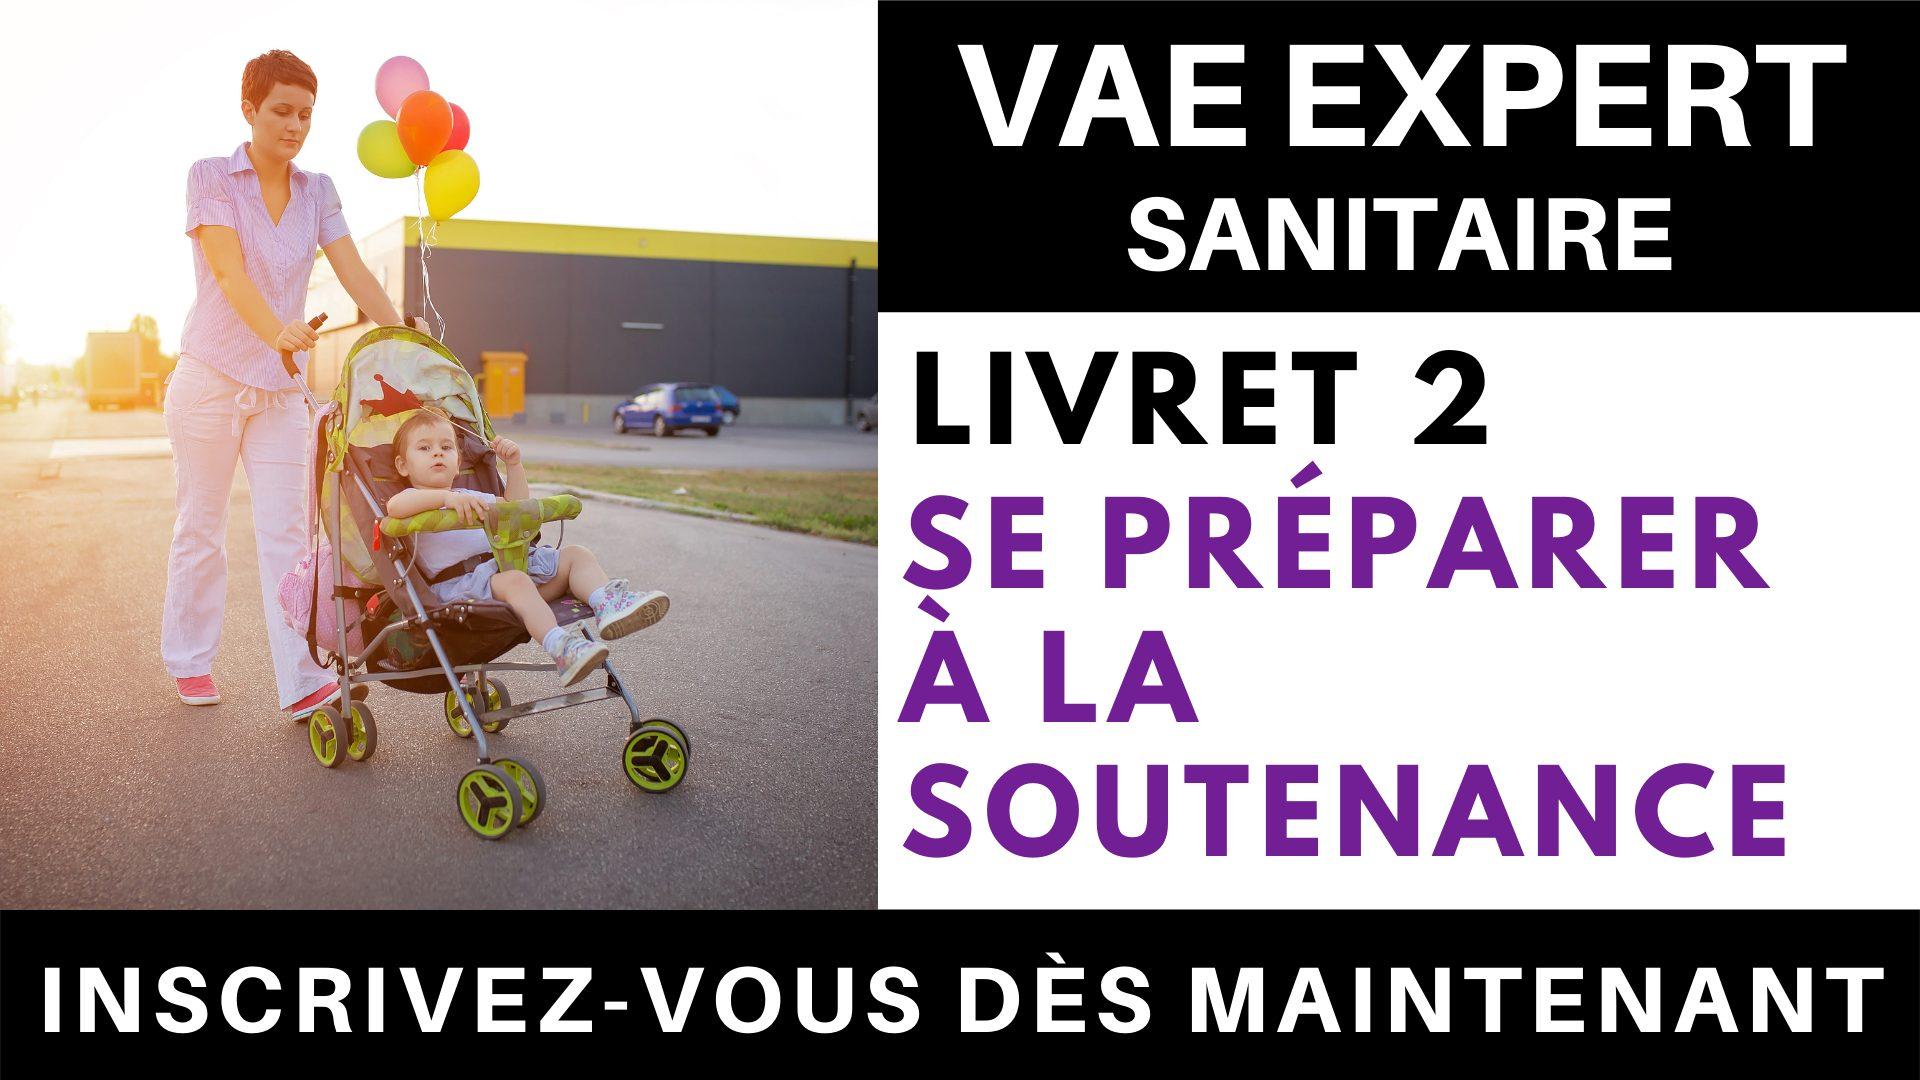 VAE EXPERT SANITAIRE - Livret 2 Se préparer à la soutenance (2)